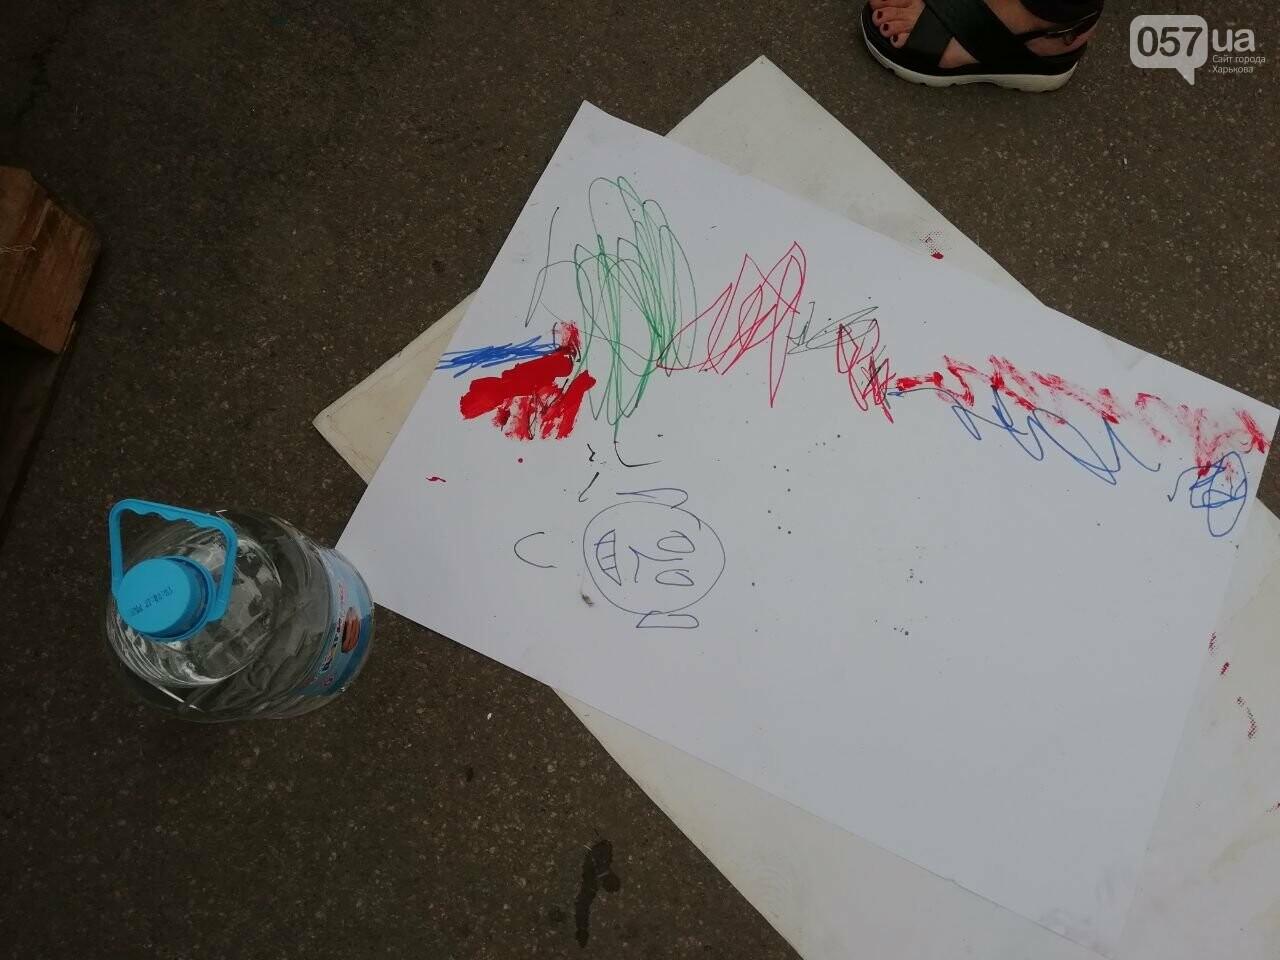 Нарисуй претензию к Кернесу: на площади Свободы организовали акцию, - ФОТО, фото-8